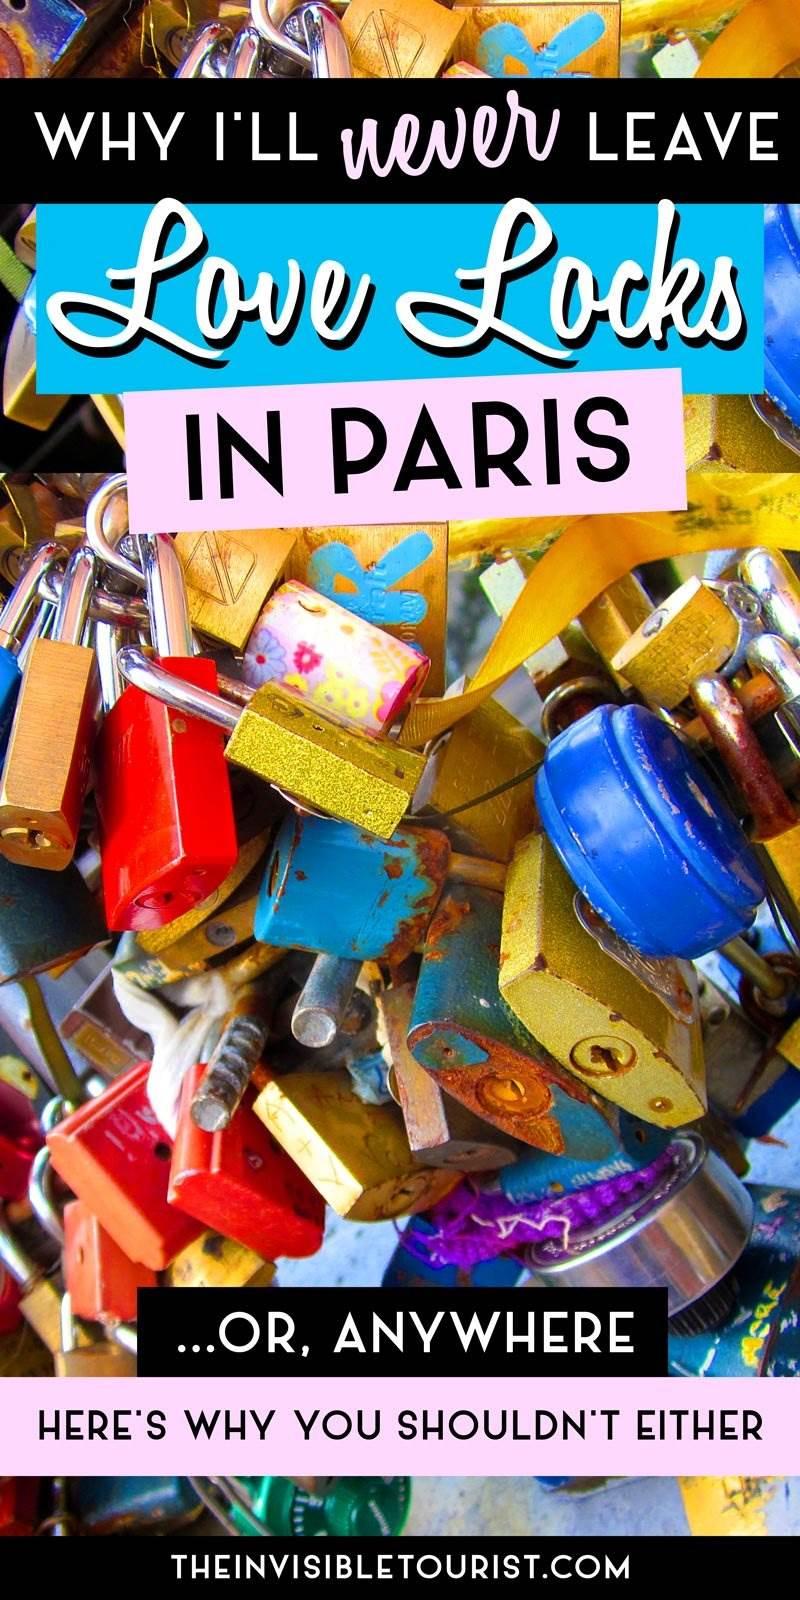 Pourquoi je ne laisserai jamais de cadenas à Paris (ou n'importe où) • Le touriste invisible